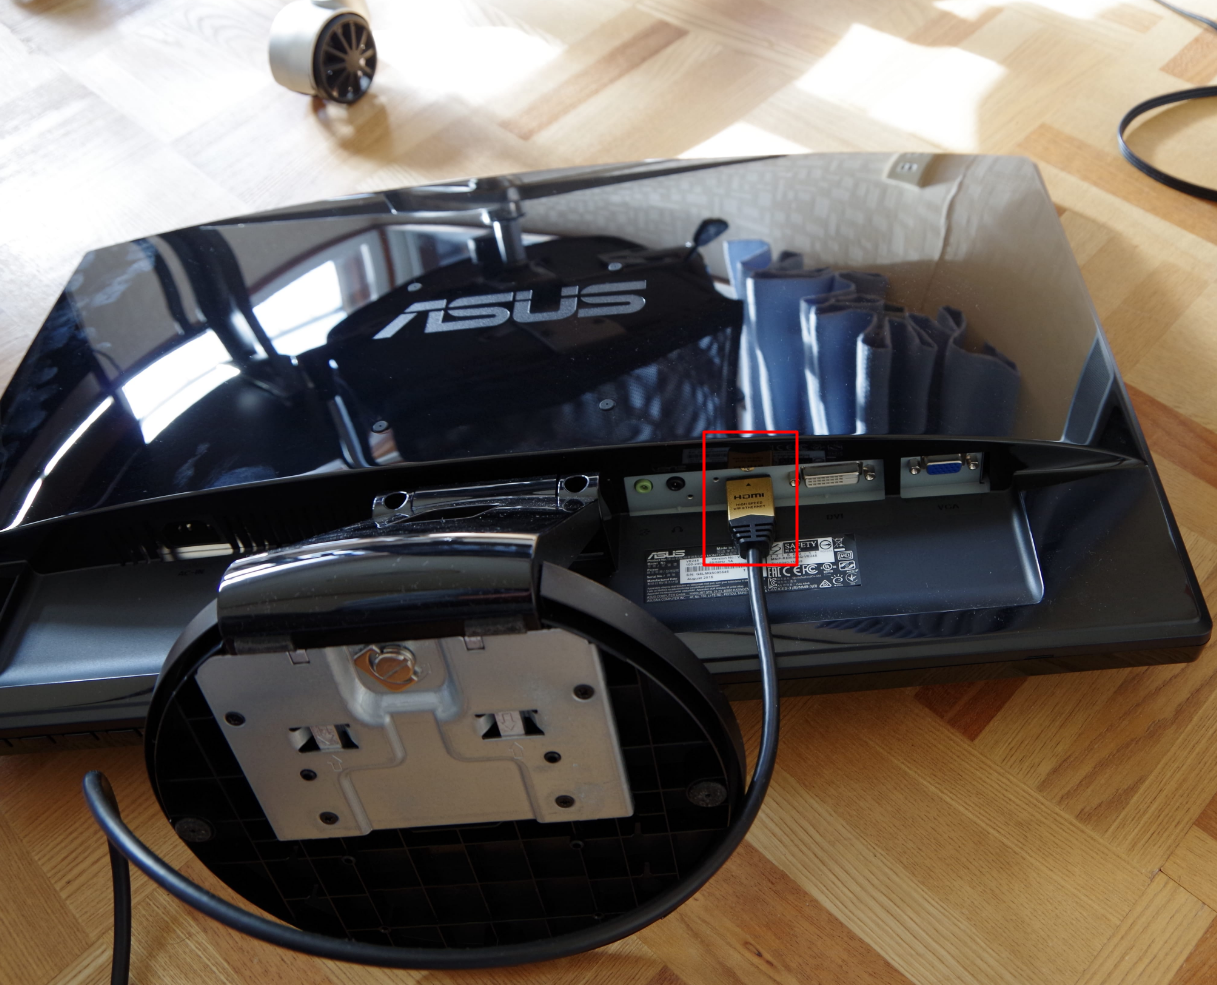 PCモニター。HDMIケーブルを繋いだところ。